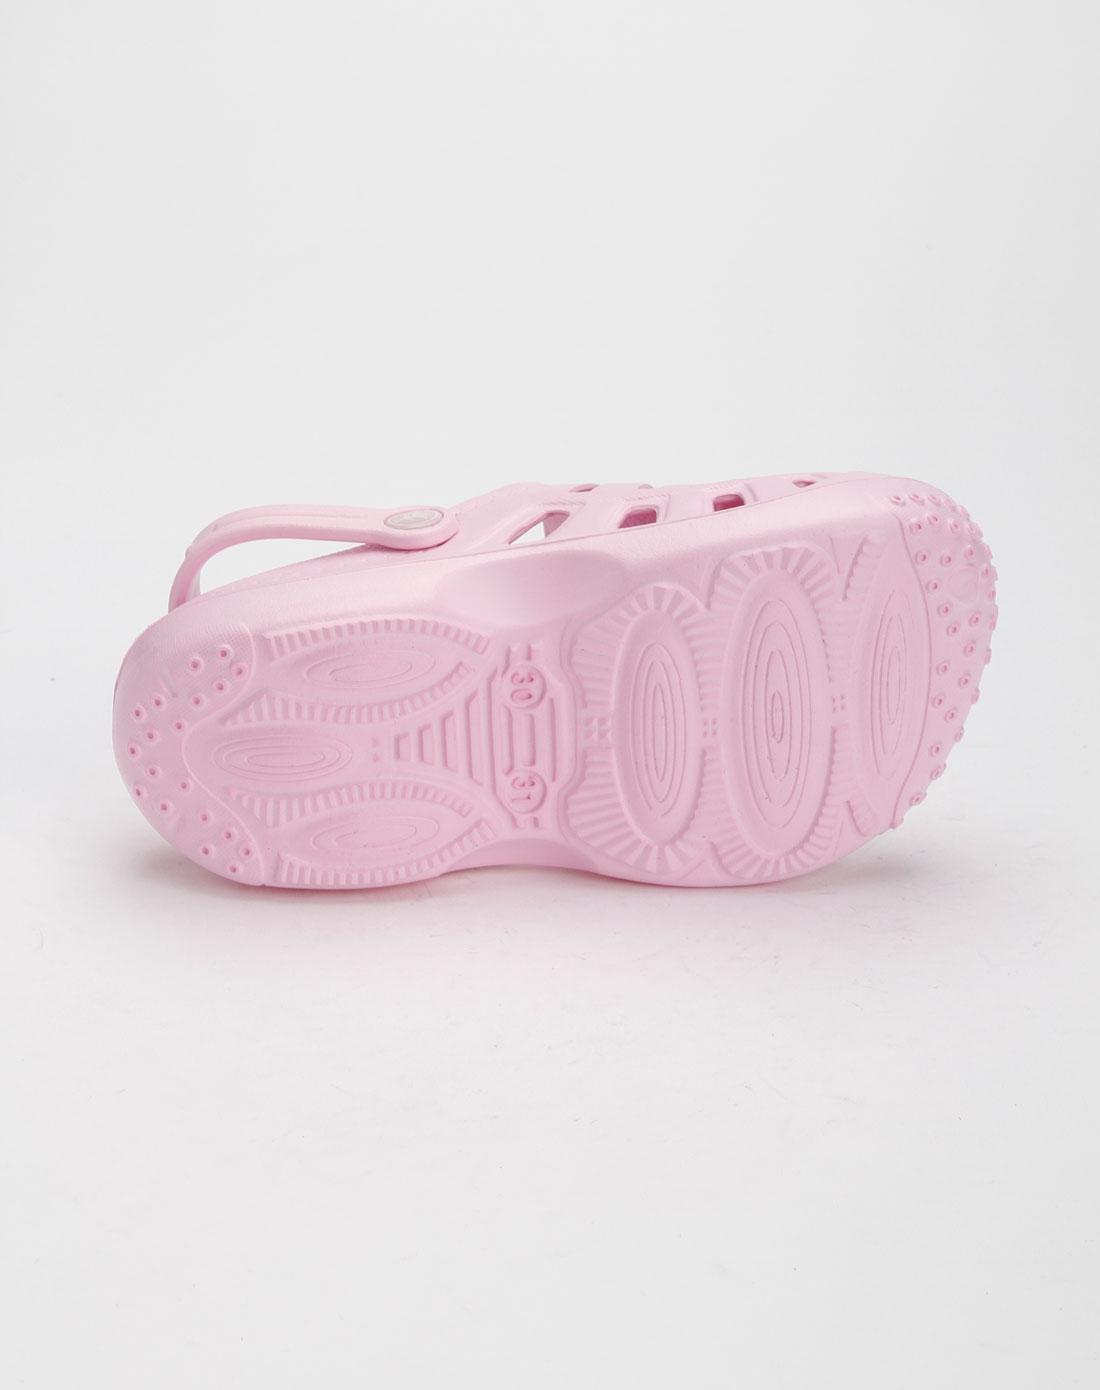 童鞋女童粉色时尚凉鞋e11d